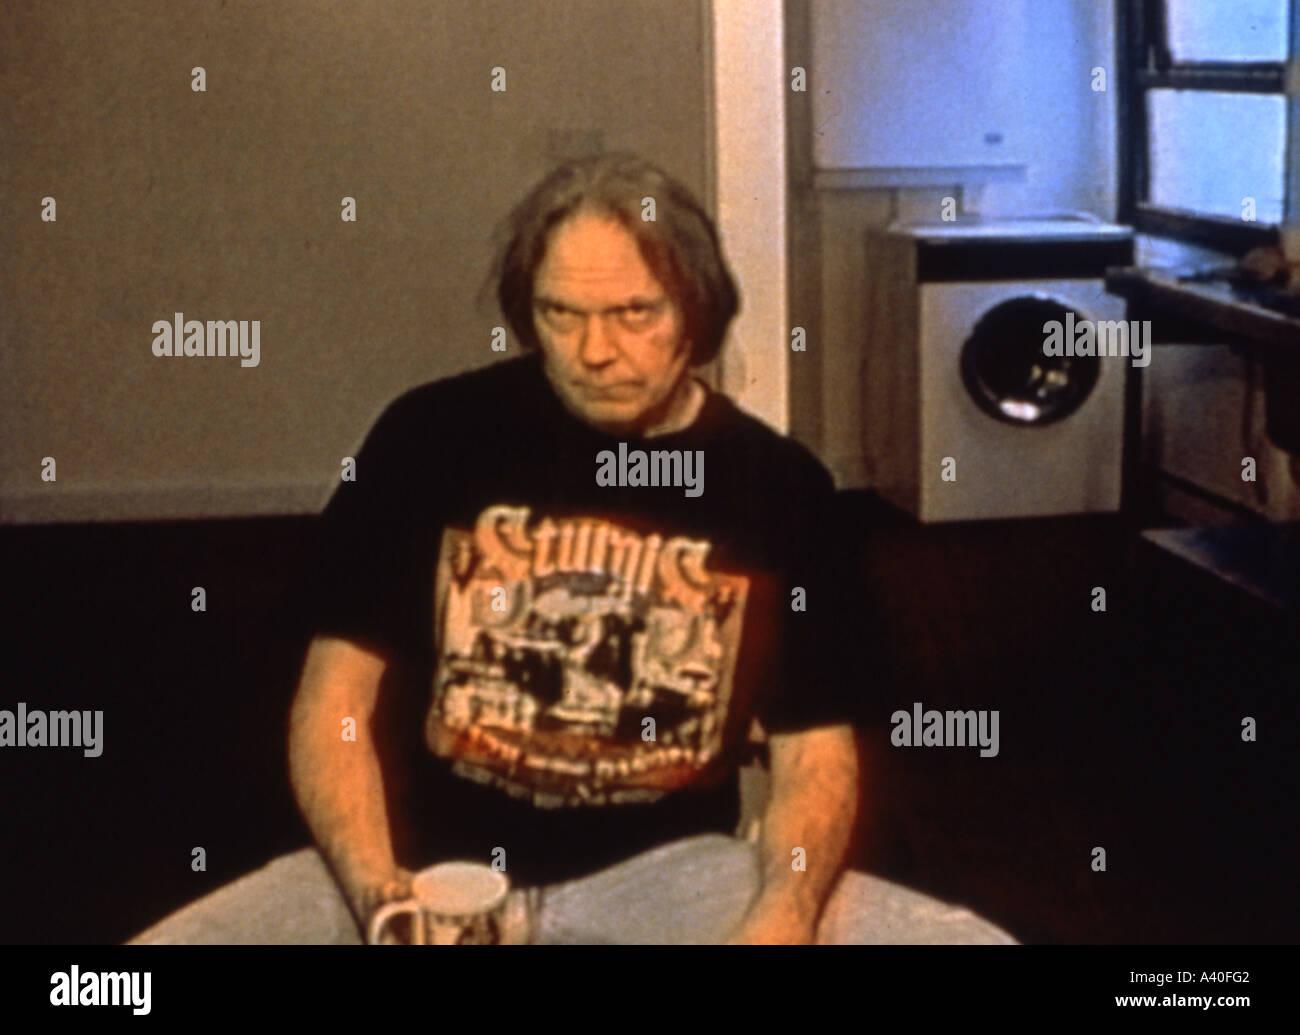 Año del Caballo de octubre de 1997 /Shakey Pictures film sobre el músico Neil Young Imagen De Stock